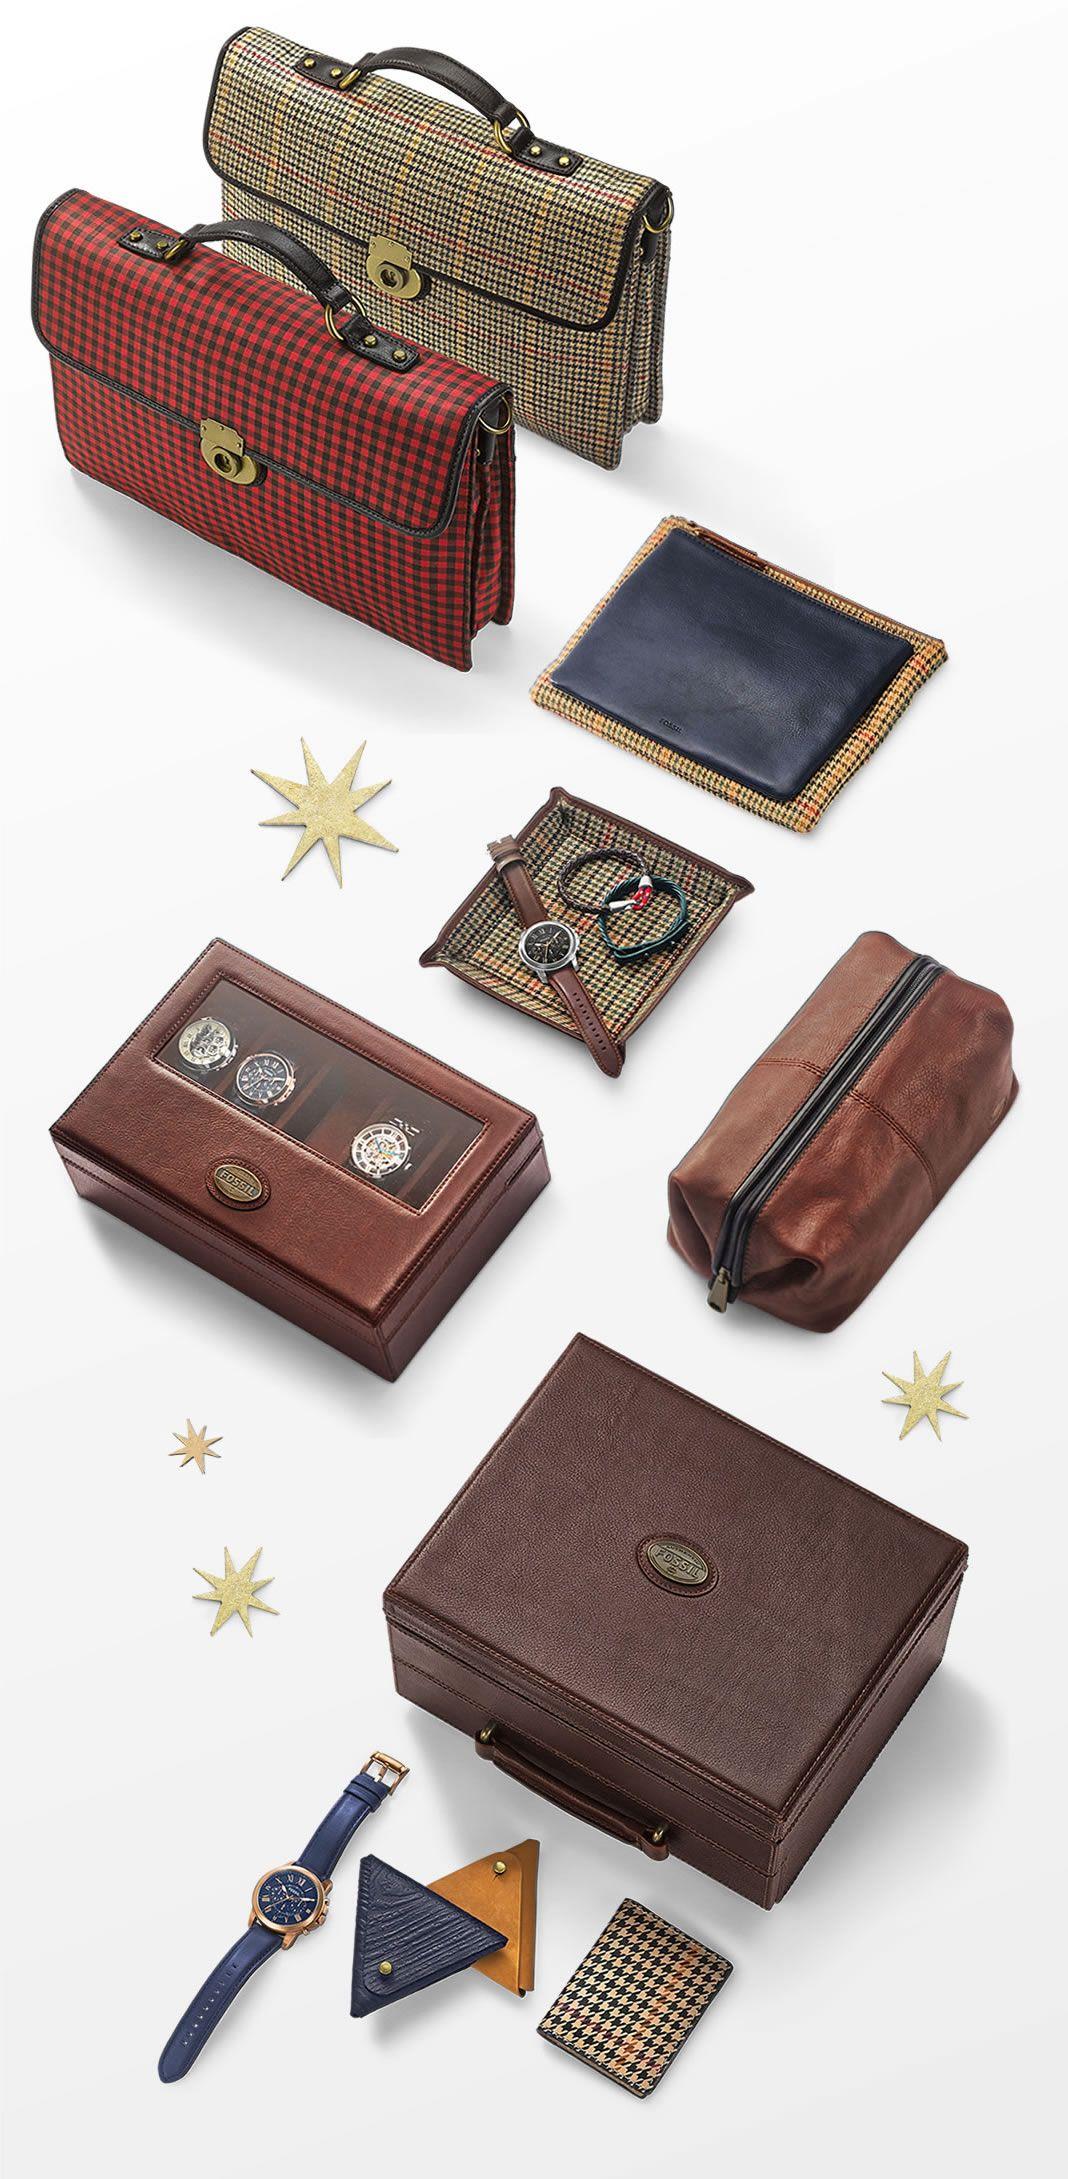 #FOSSIL - Gentlemen's Gifts